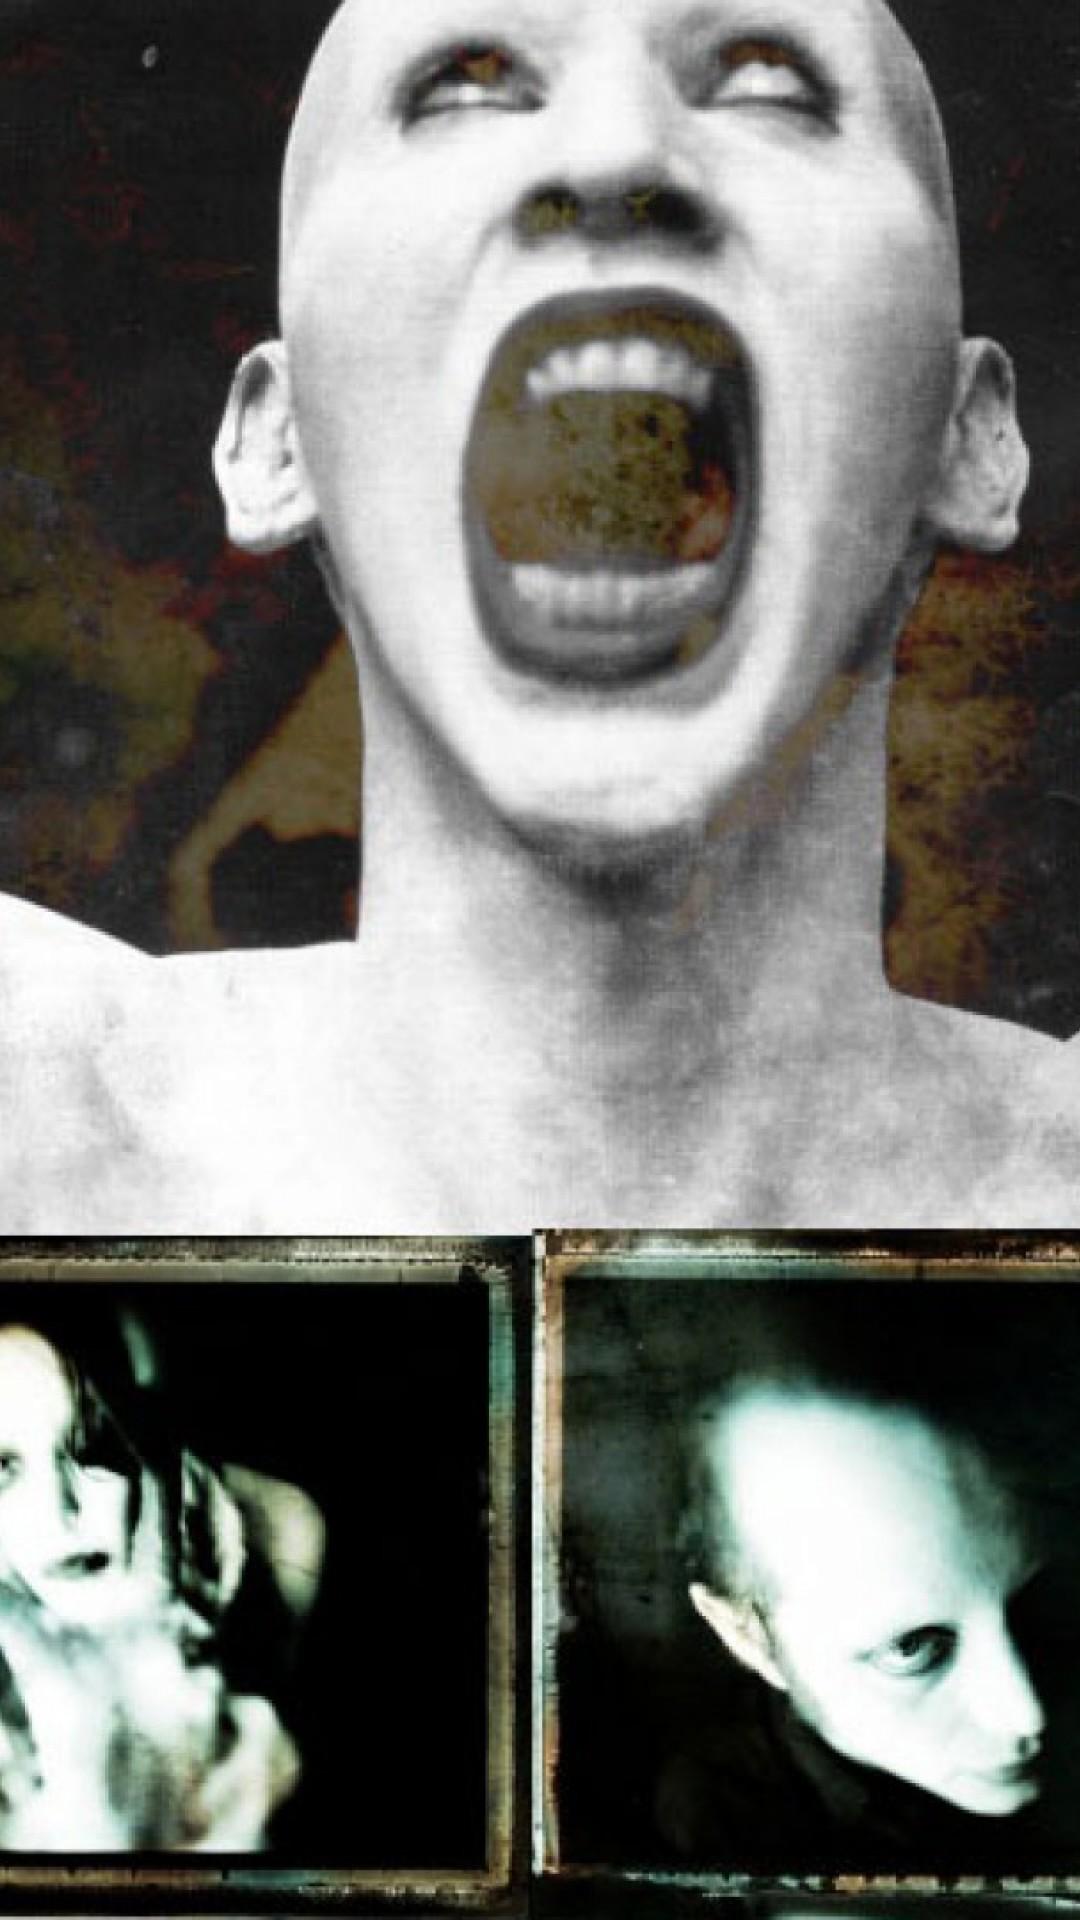 Marilyn Manson Sweet Dreams Hd Wallpaper Iphone 6 6s Plus Hd